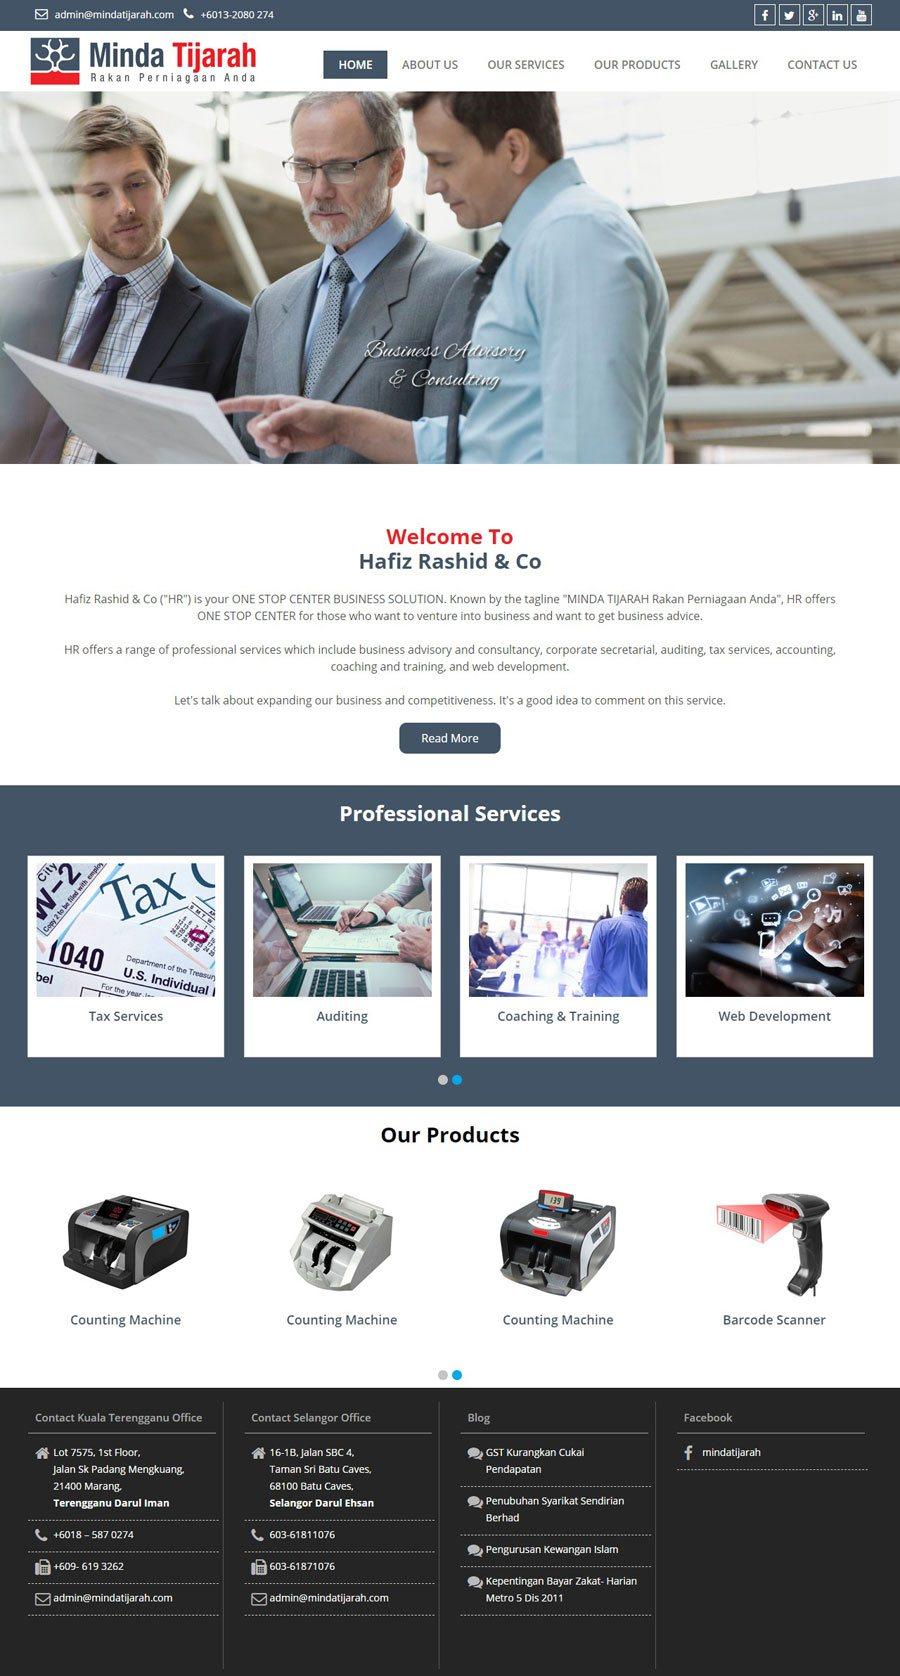 Minda Tijarah Saudi Arabia Web Design